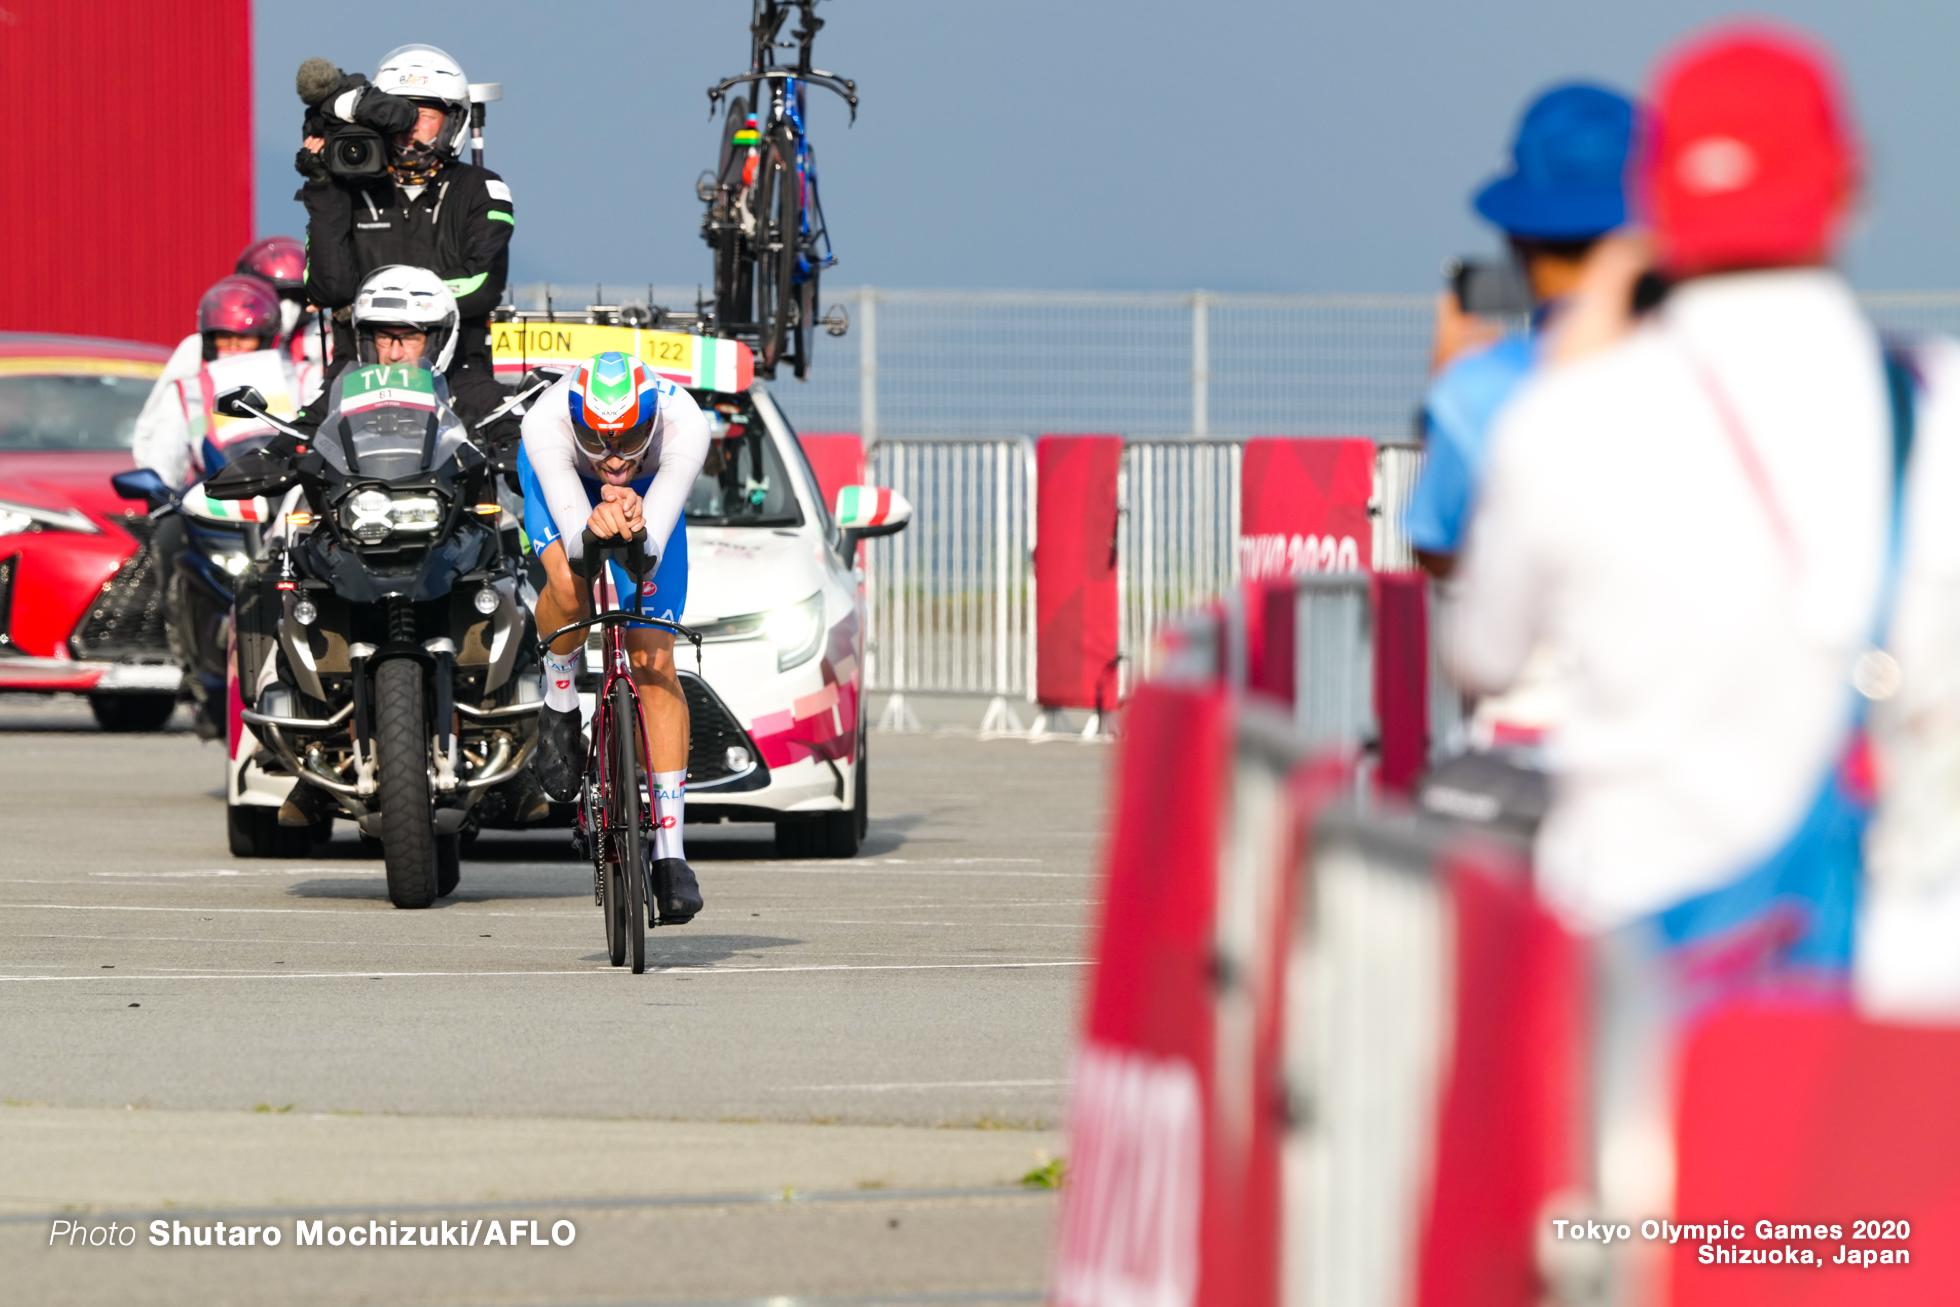 フィリポ・ガンナ Filippo Ganna (ITA), JULY 28, 2021 - Cycling : Men's Individual Time Trial during the Tokyo 2020 Olympic Games at the Izu MTB Course in Shizuoka, Japan. (Photo by Shutaro Mochizuki/AFLO)